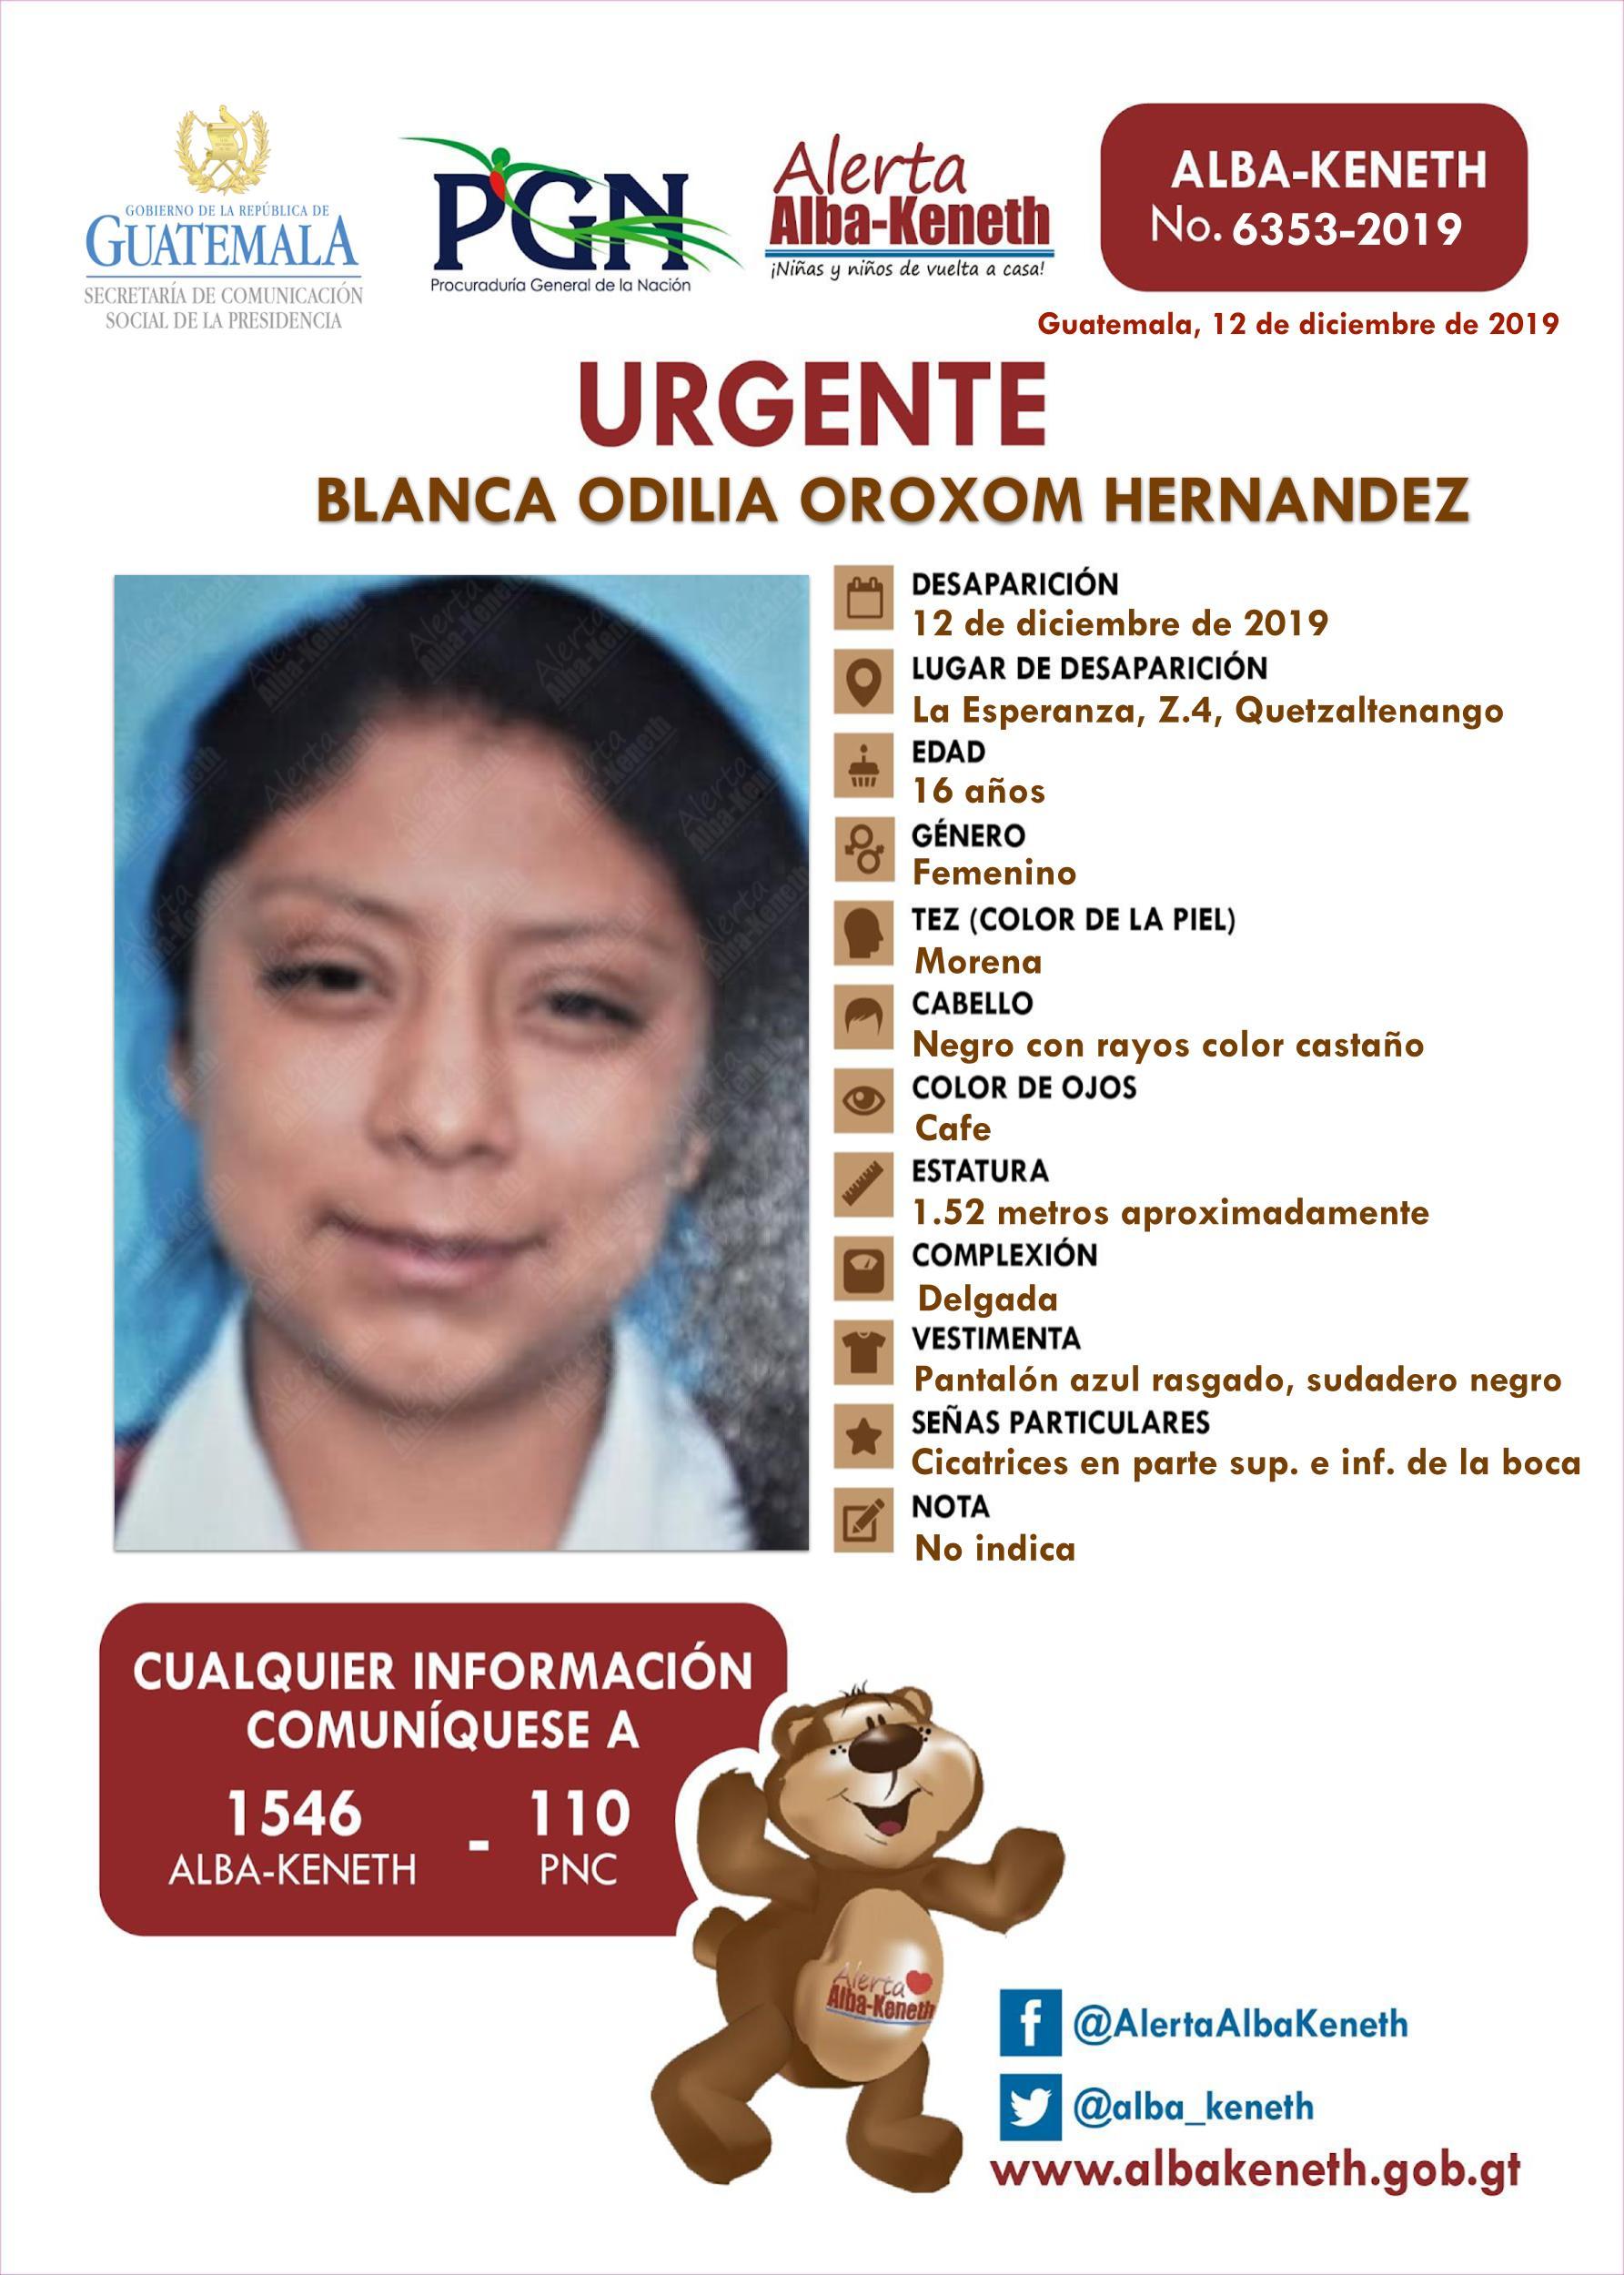 Blanca Odilia Oroxom Hernandez